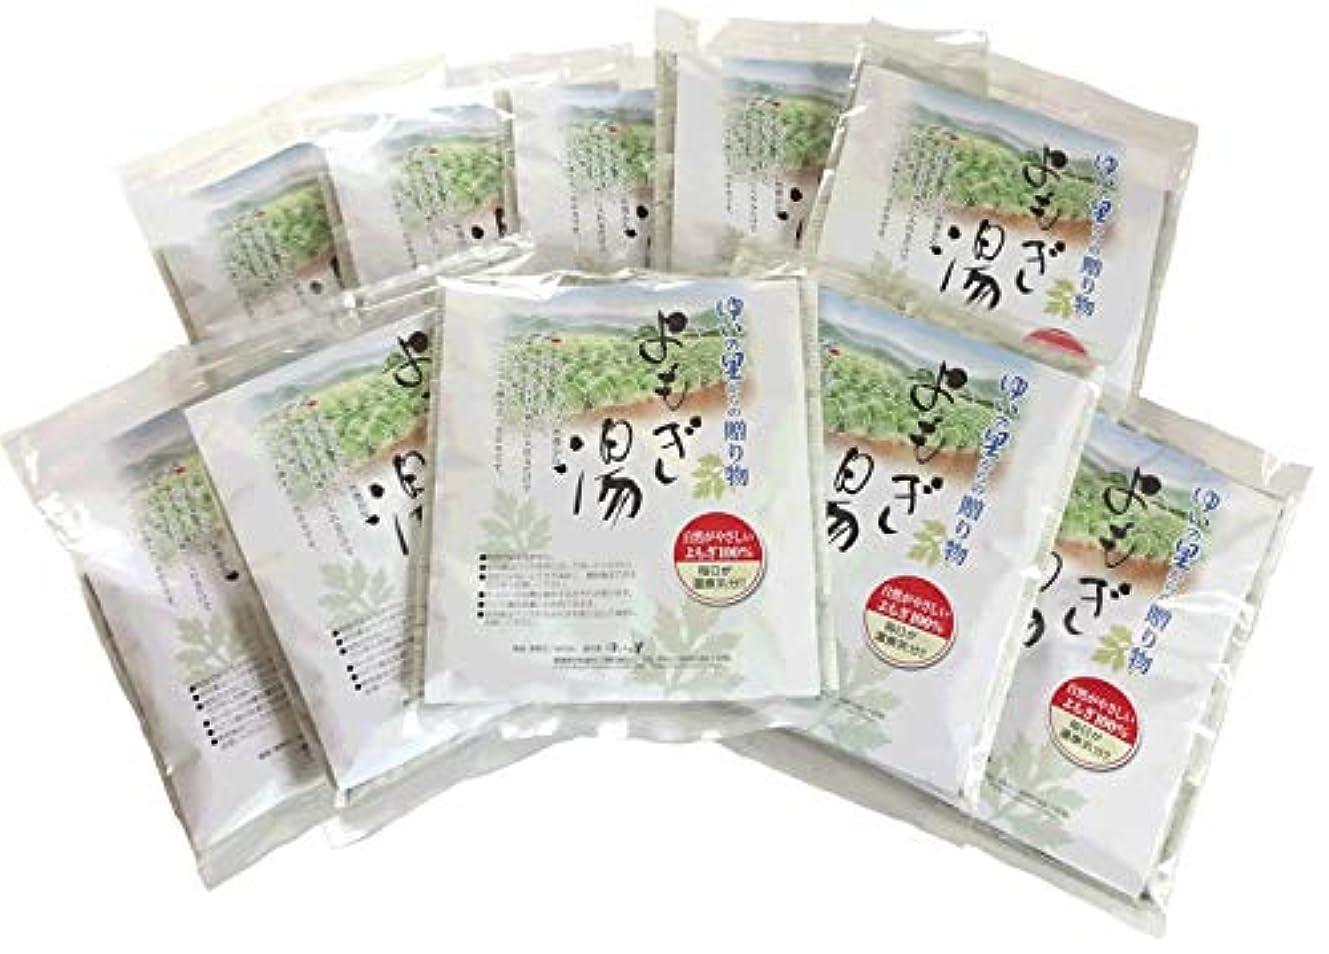 かご険しいネットよもぎ湯入浴パック 10袋セット 愛媛県産 自家栽培よもぎ100%使用